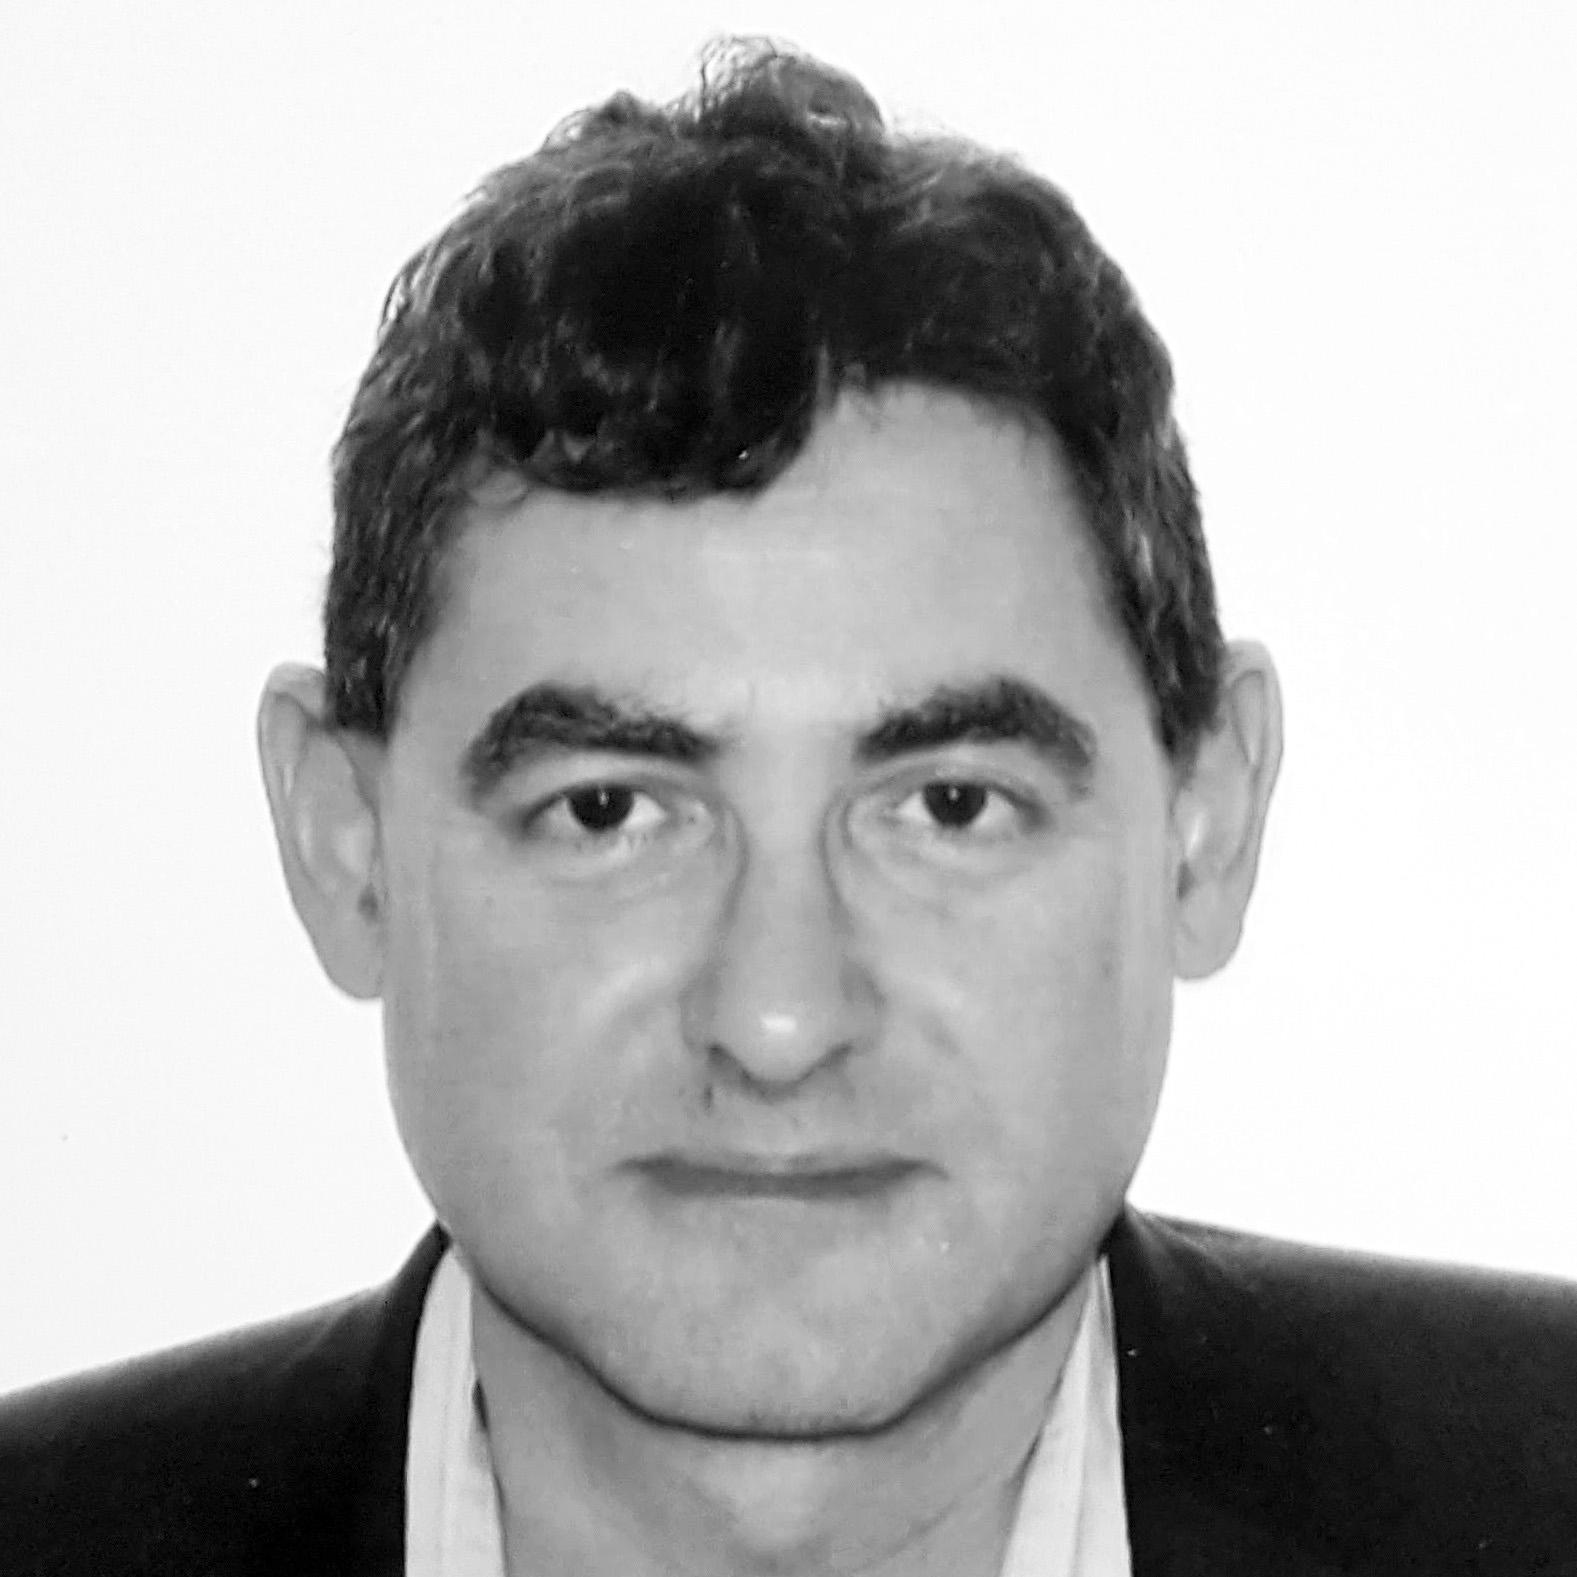 Nicholas Pelham